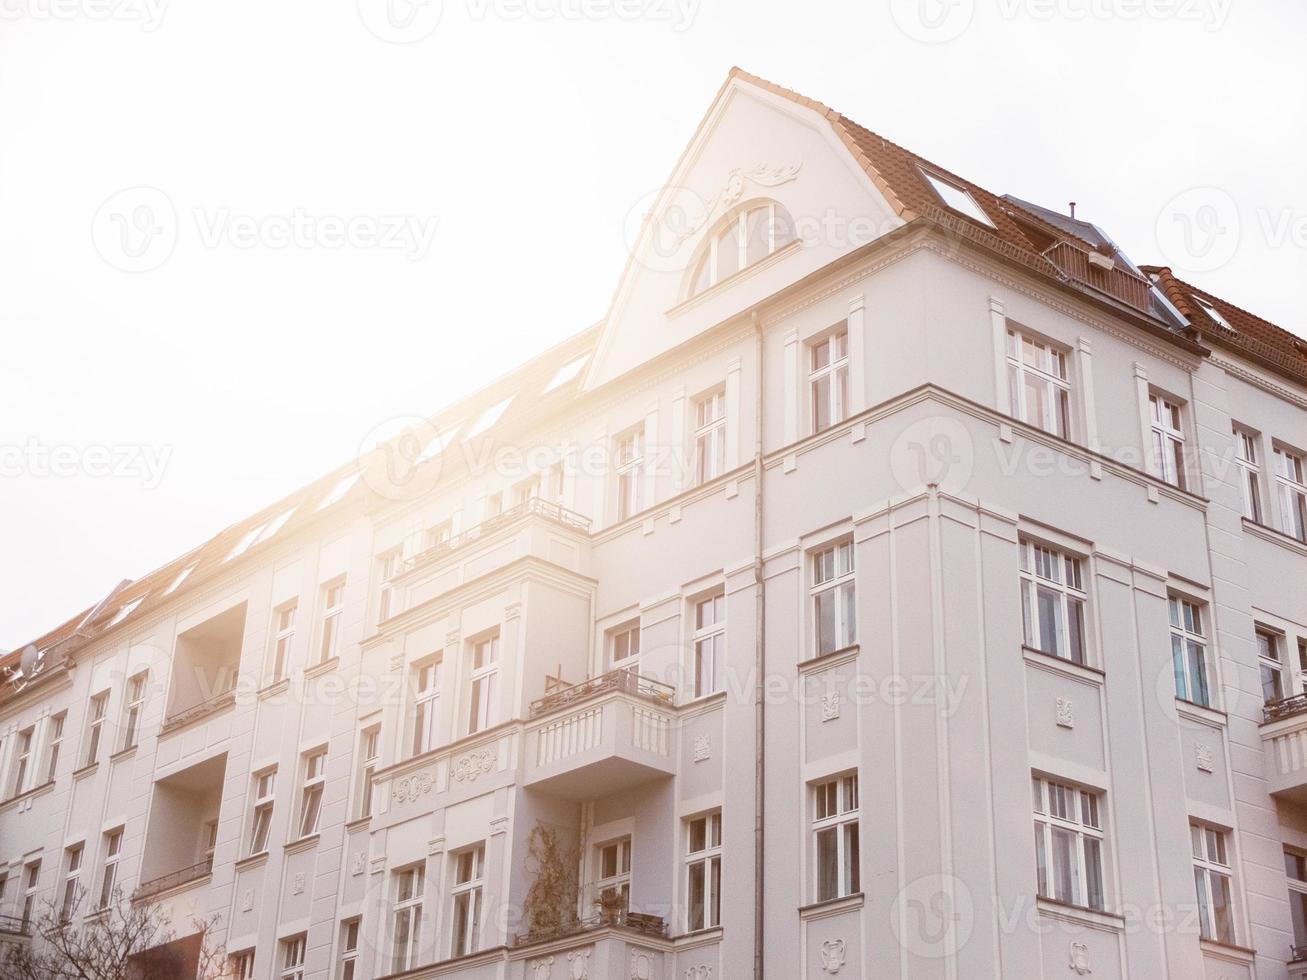 hermosa casa de pueblo en berlin prenzlauer berg foto